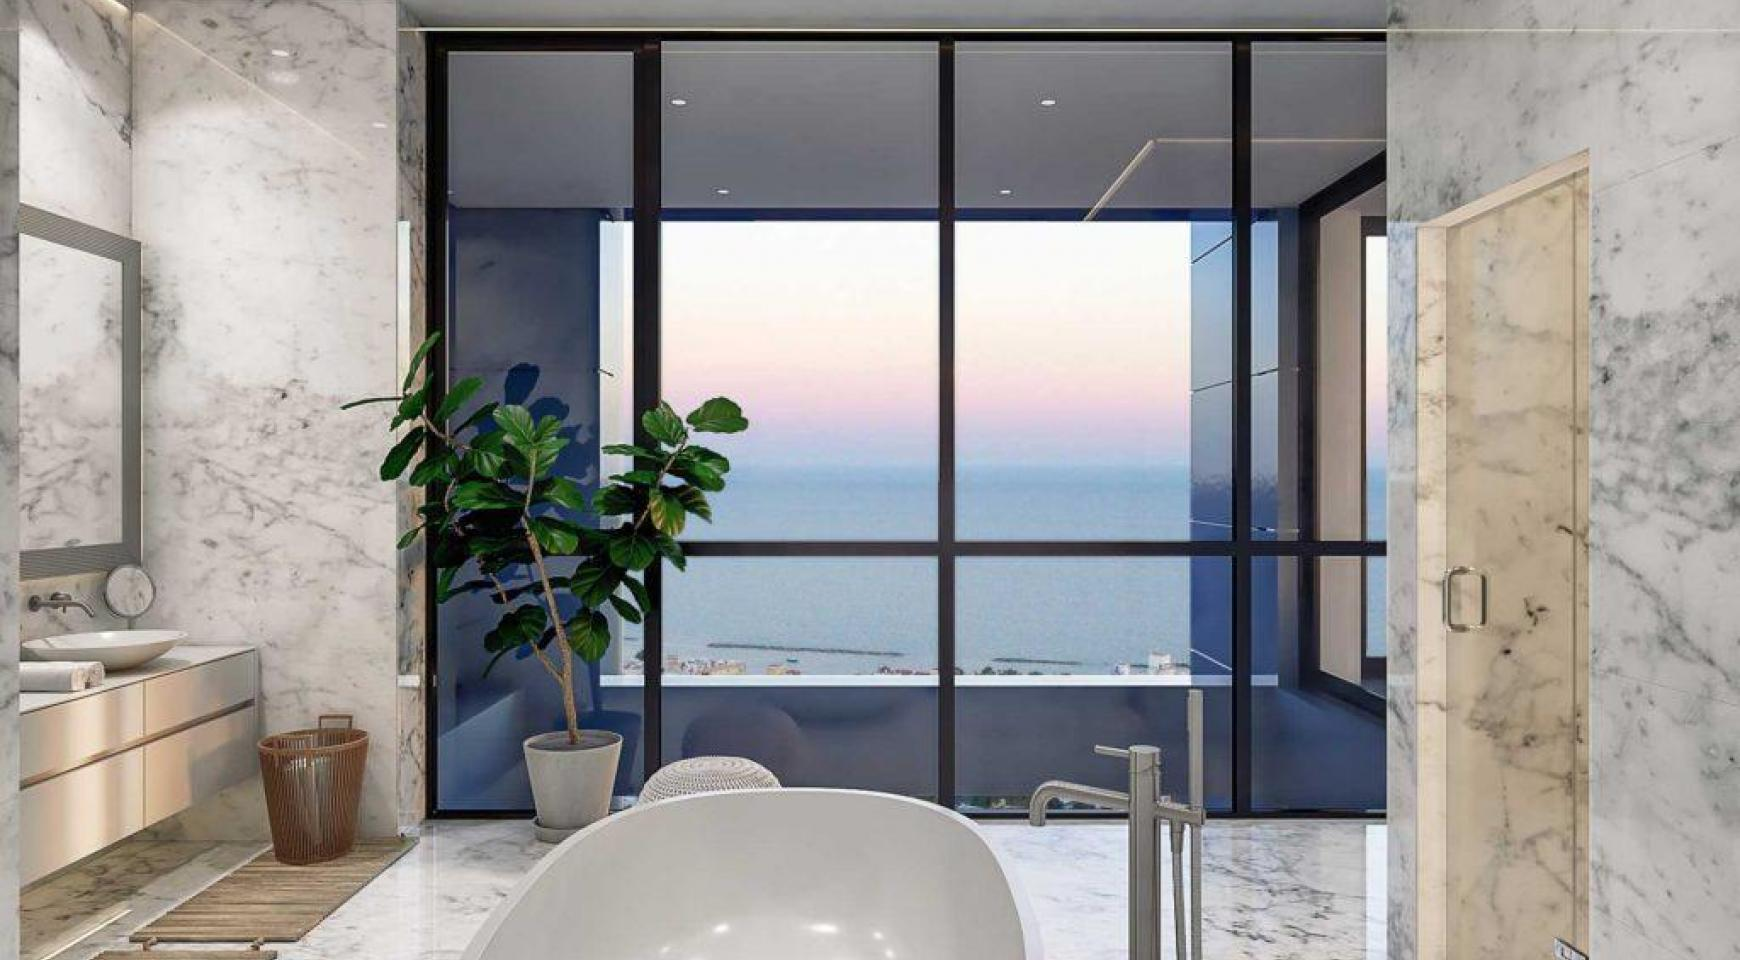 Современная 3-Спасльная Квартира с Видом на Море в Элитном Комплексе - 10